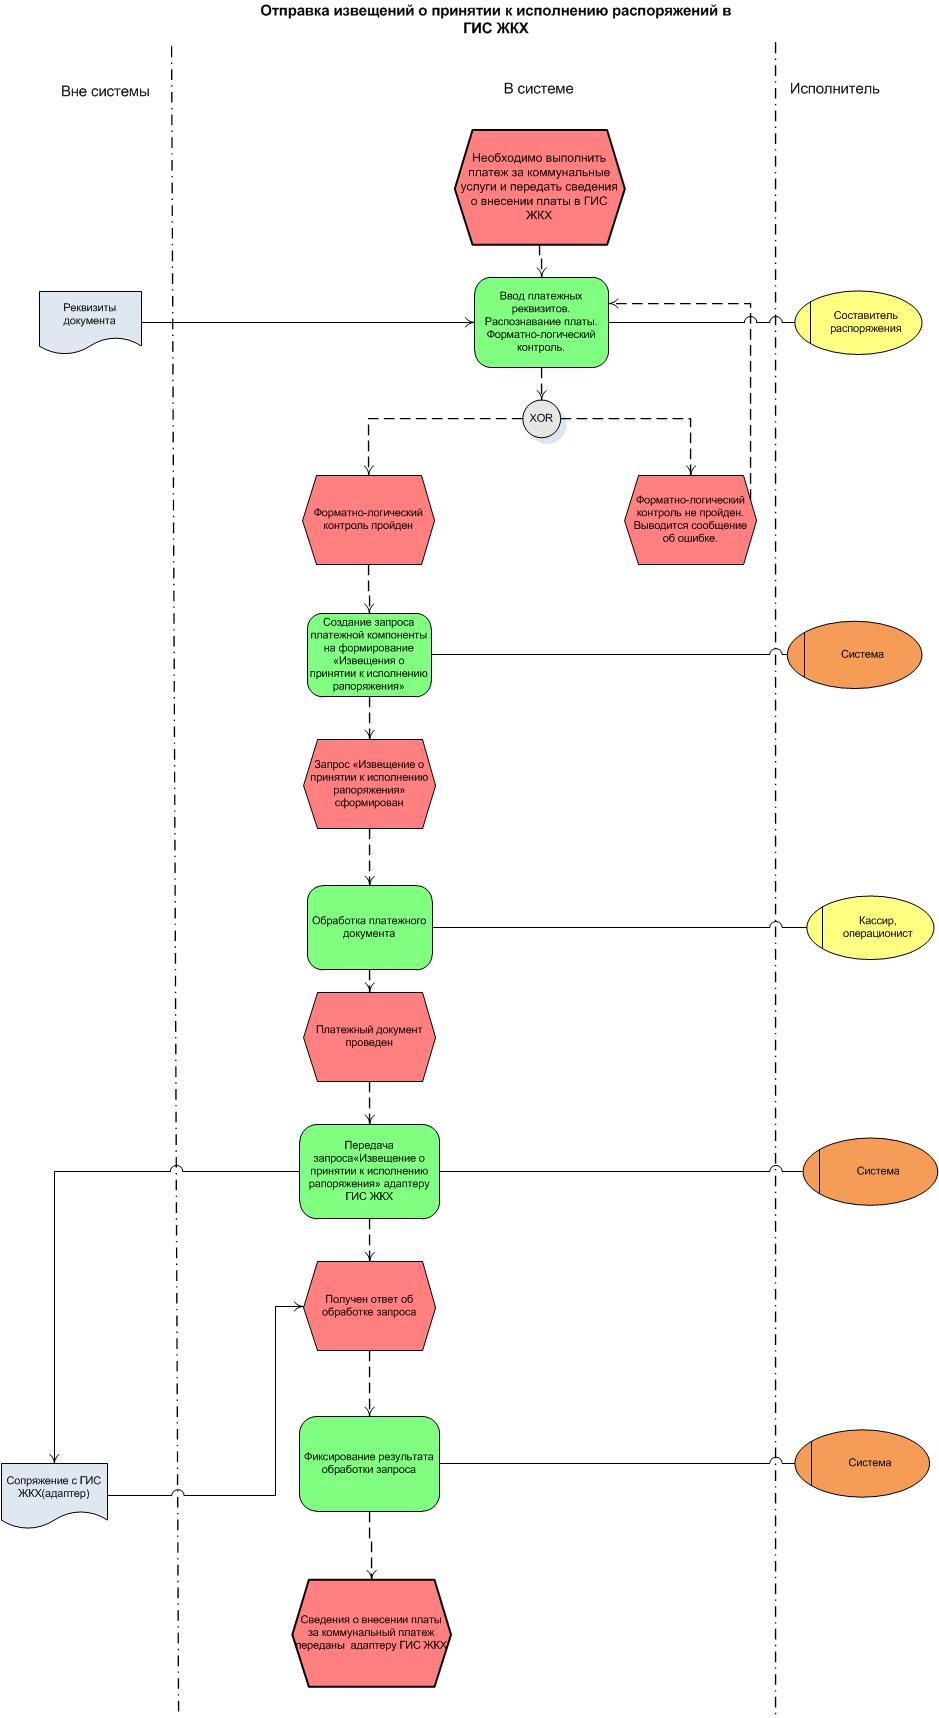 информационная схема взаимодействия в гис жкх